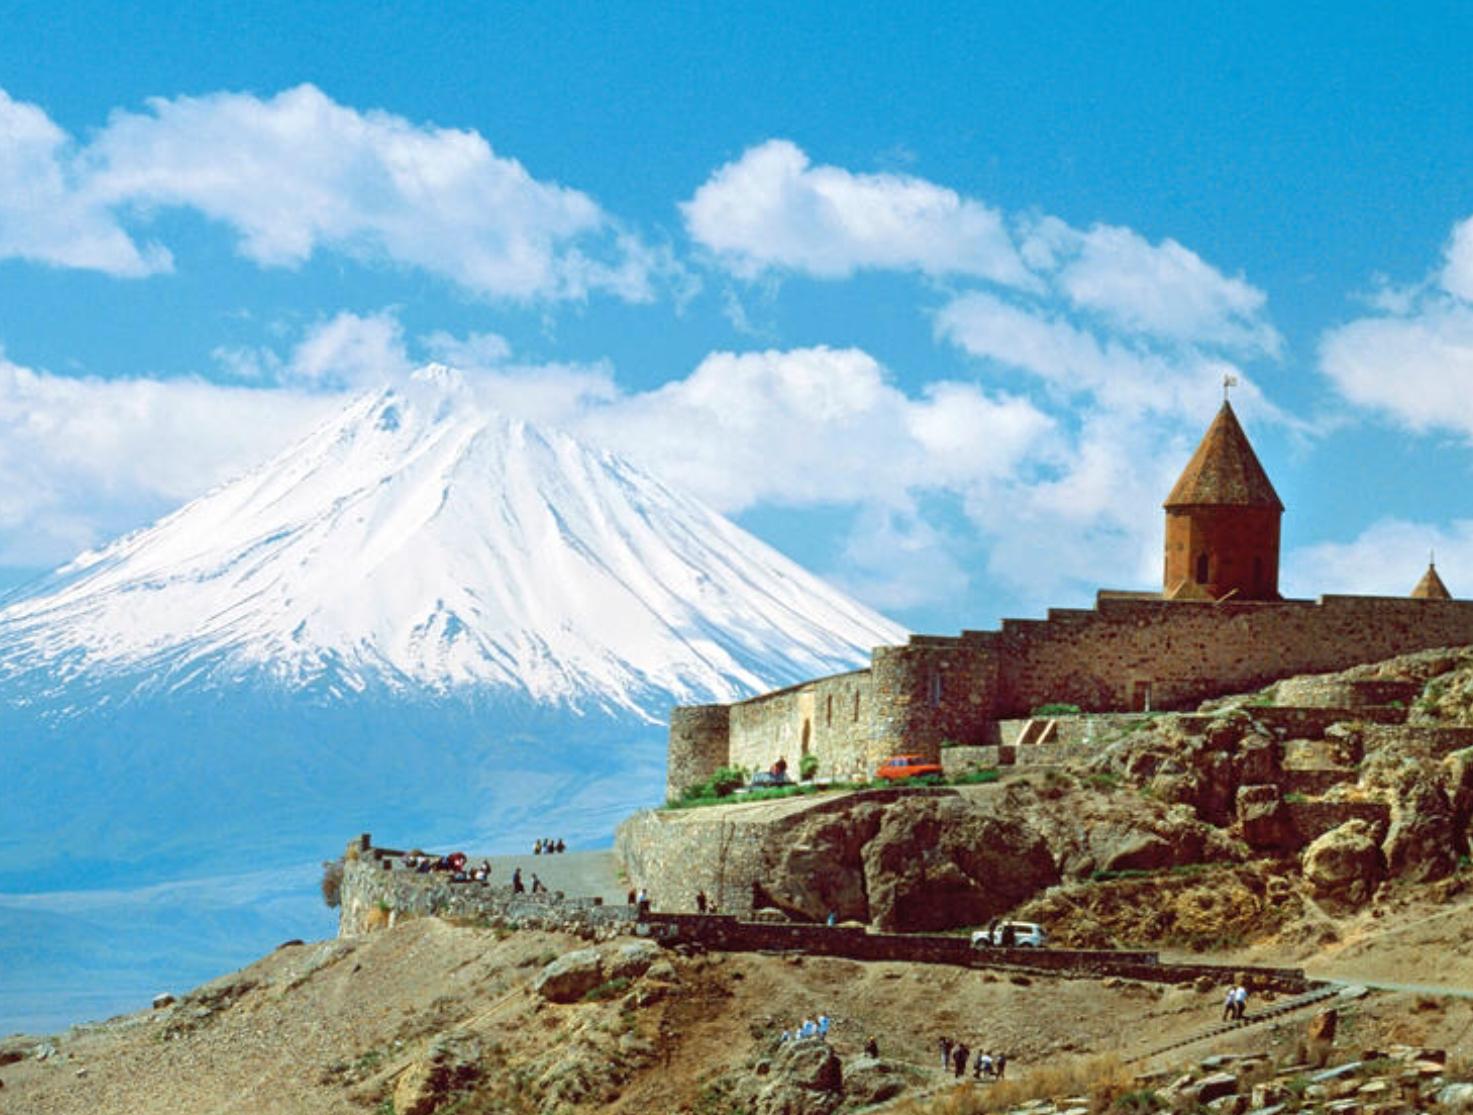 Flüge: Armenien [März - Mai] Hin und Zurück Nonstop von Memmingen nach Gjumri ab nur 25,16€